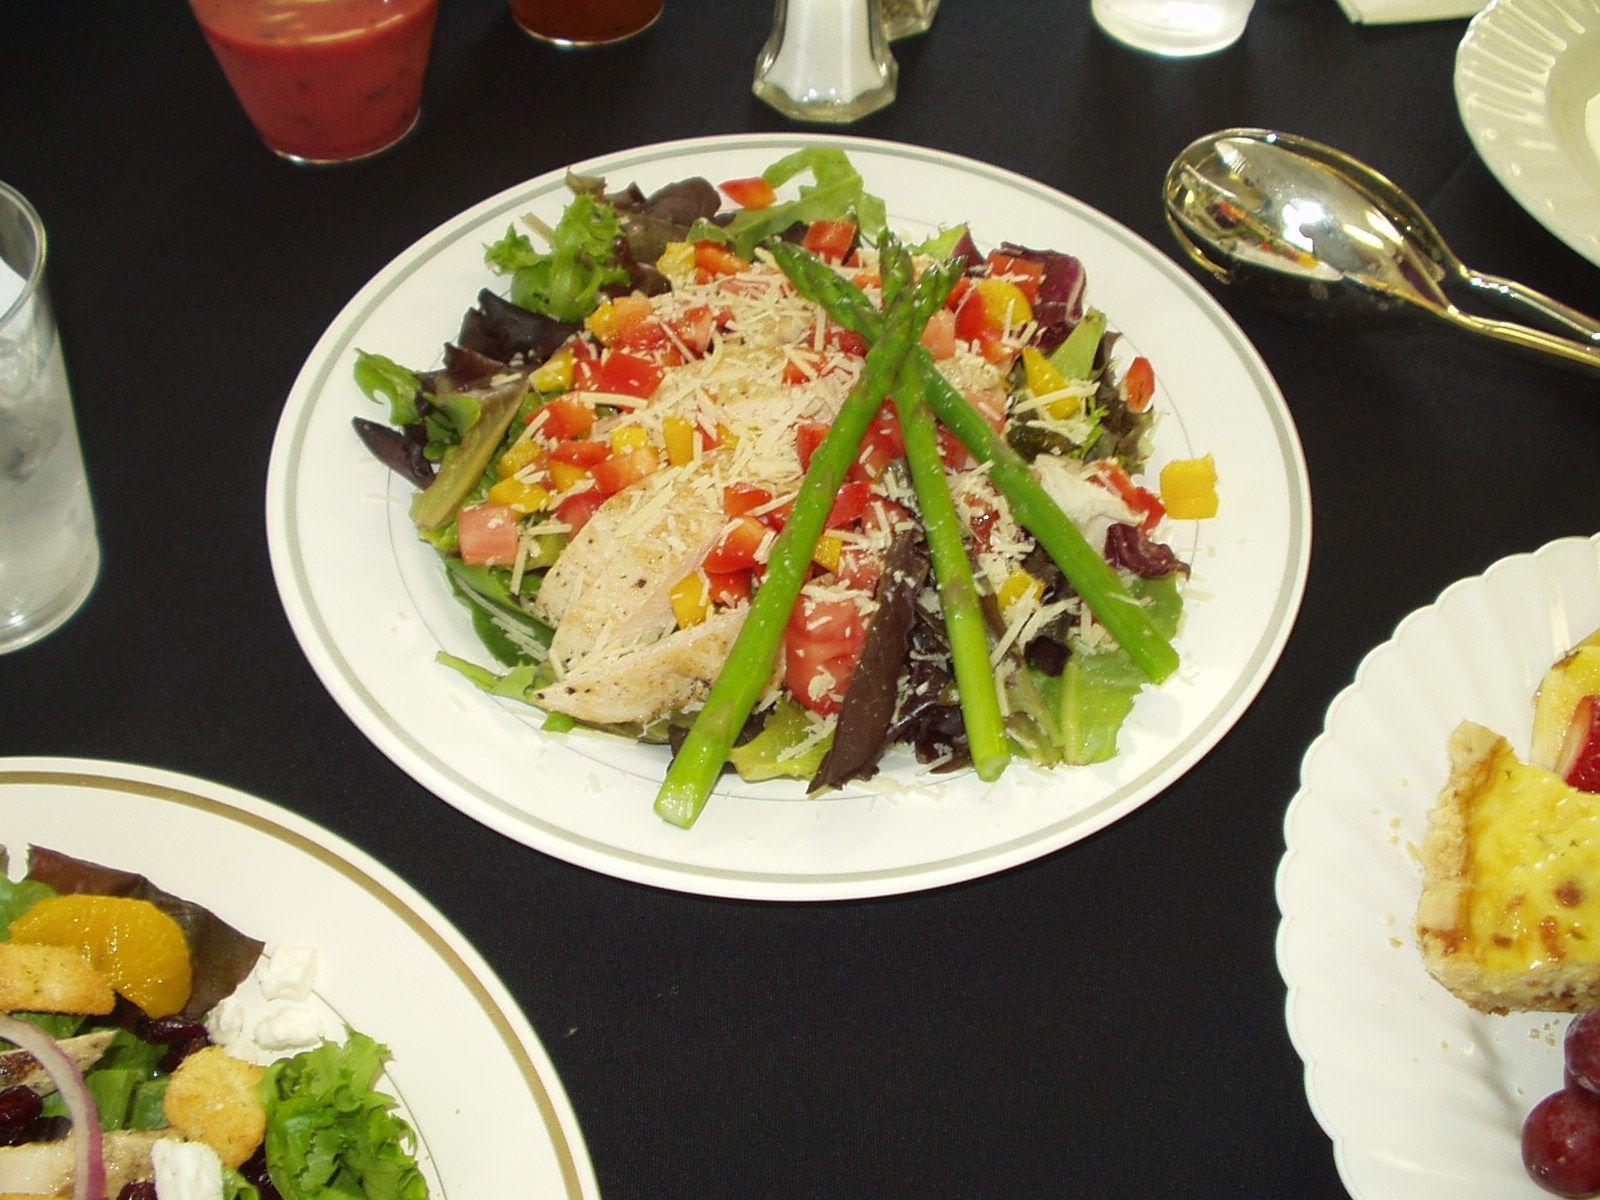 A taste of class catering cincinnati oh 5134813663